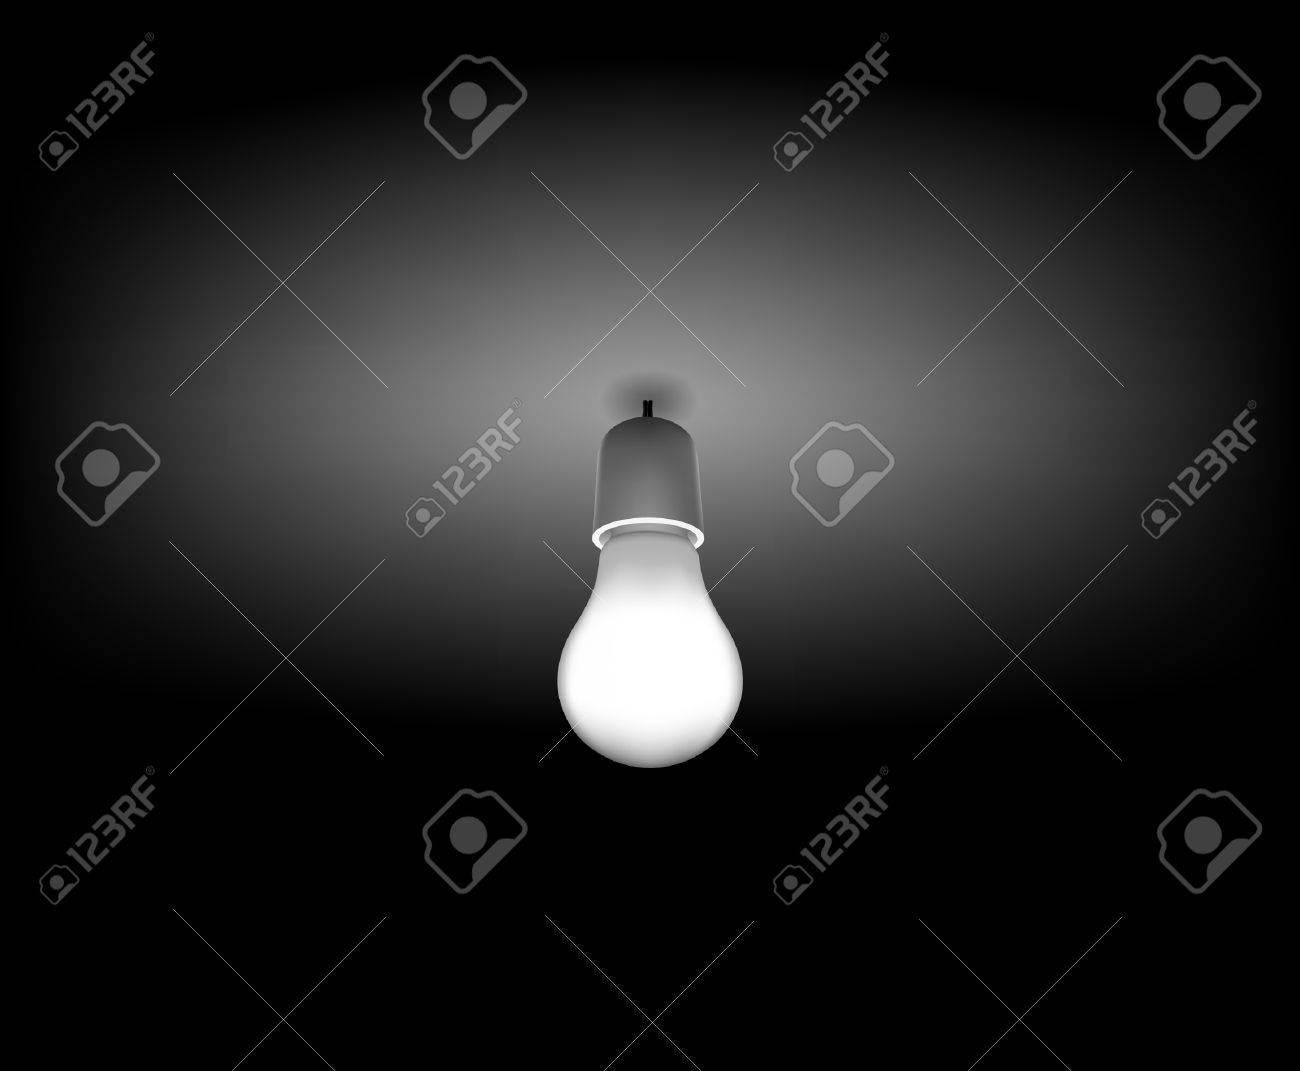 Dark room with light bulb - Vector Classic Light Bulb On The Dark Room